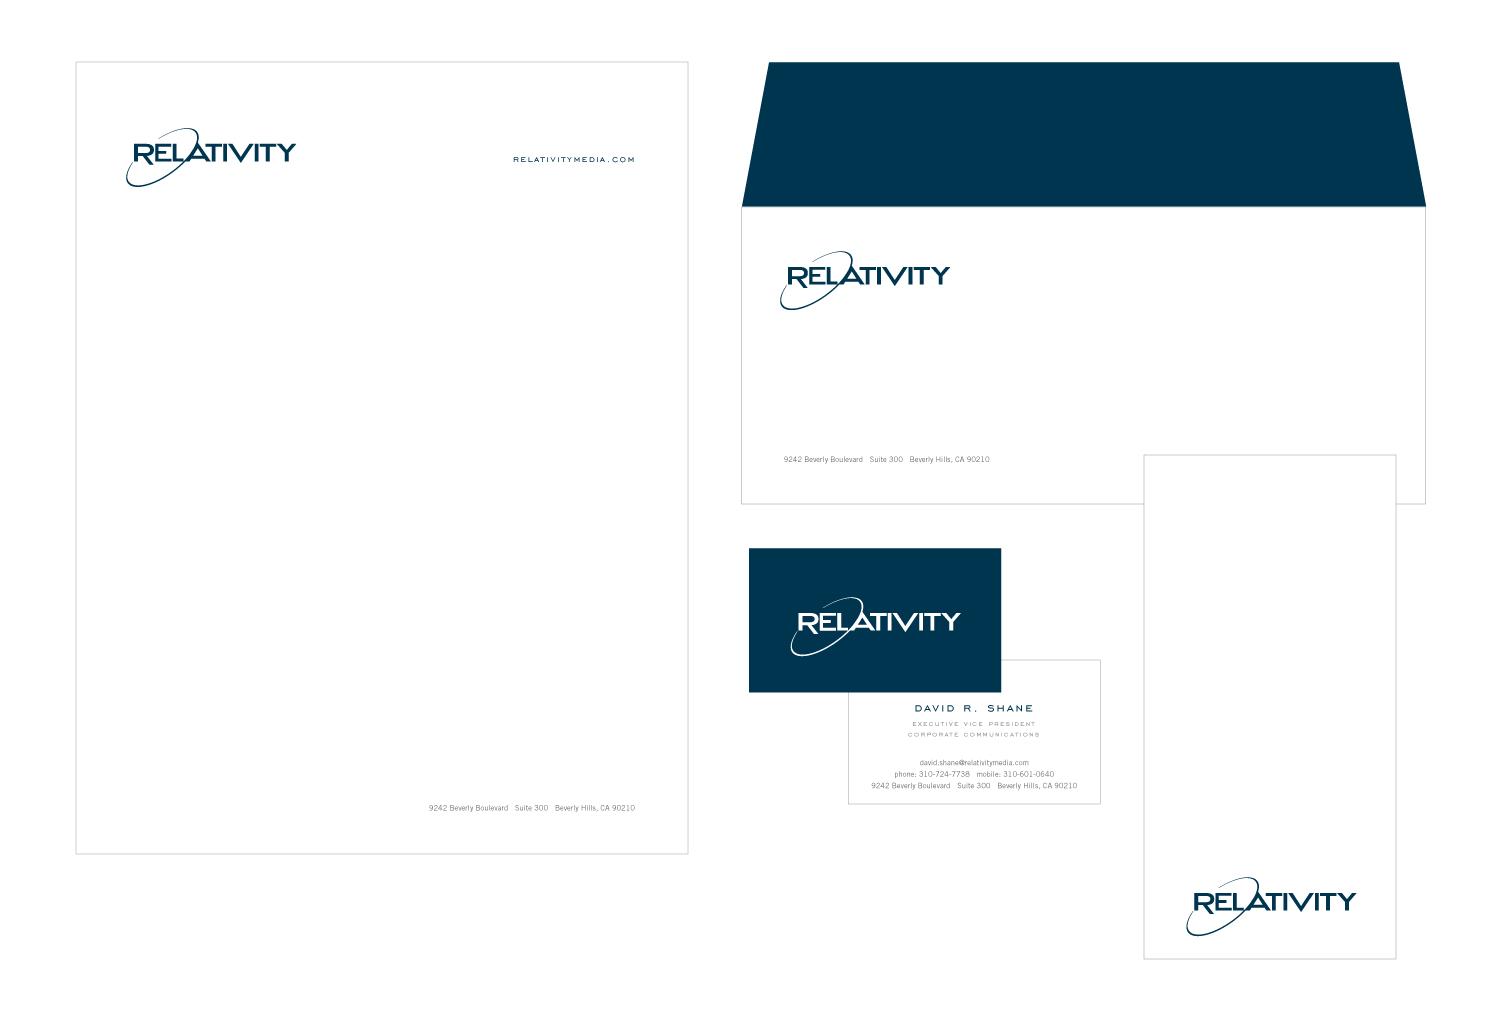 2-Relativity-stationery.jpg